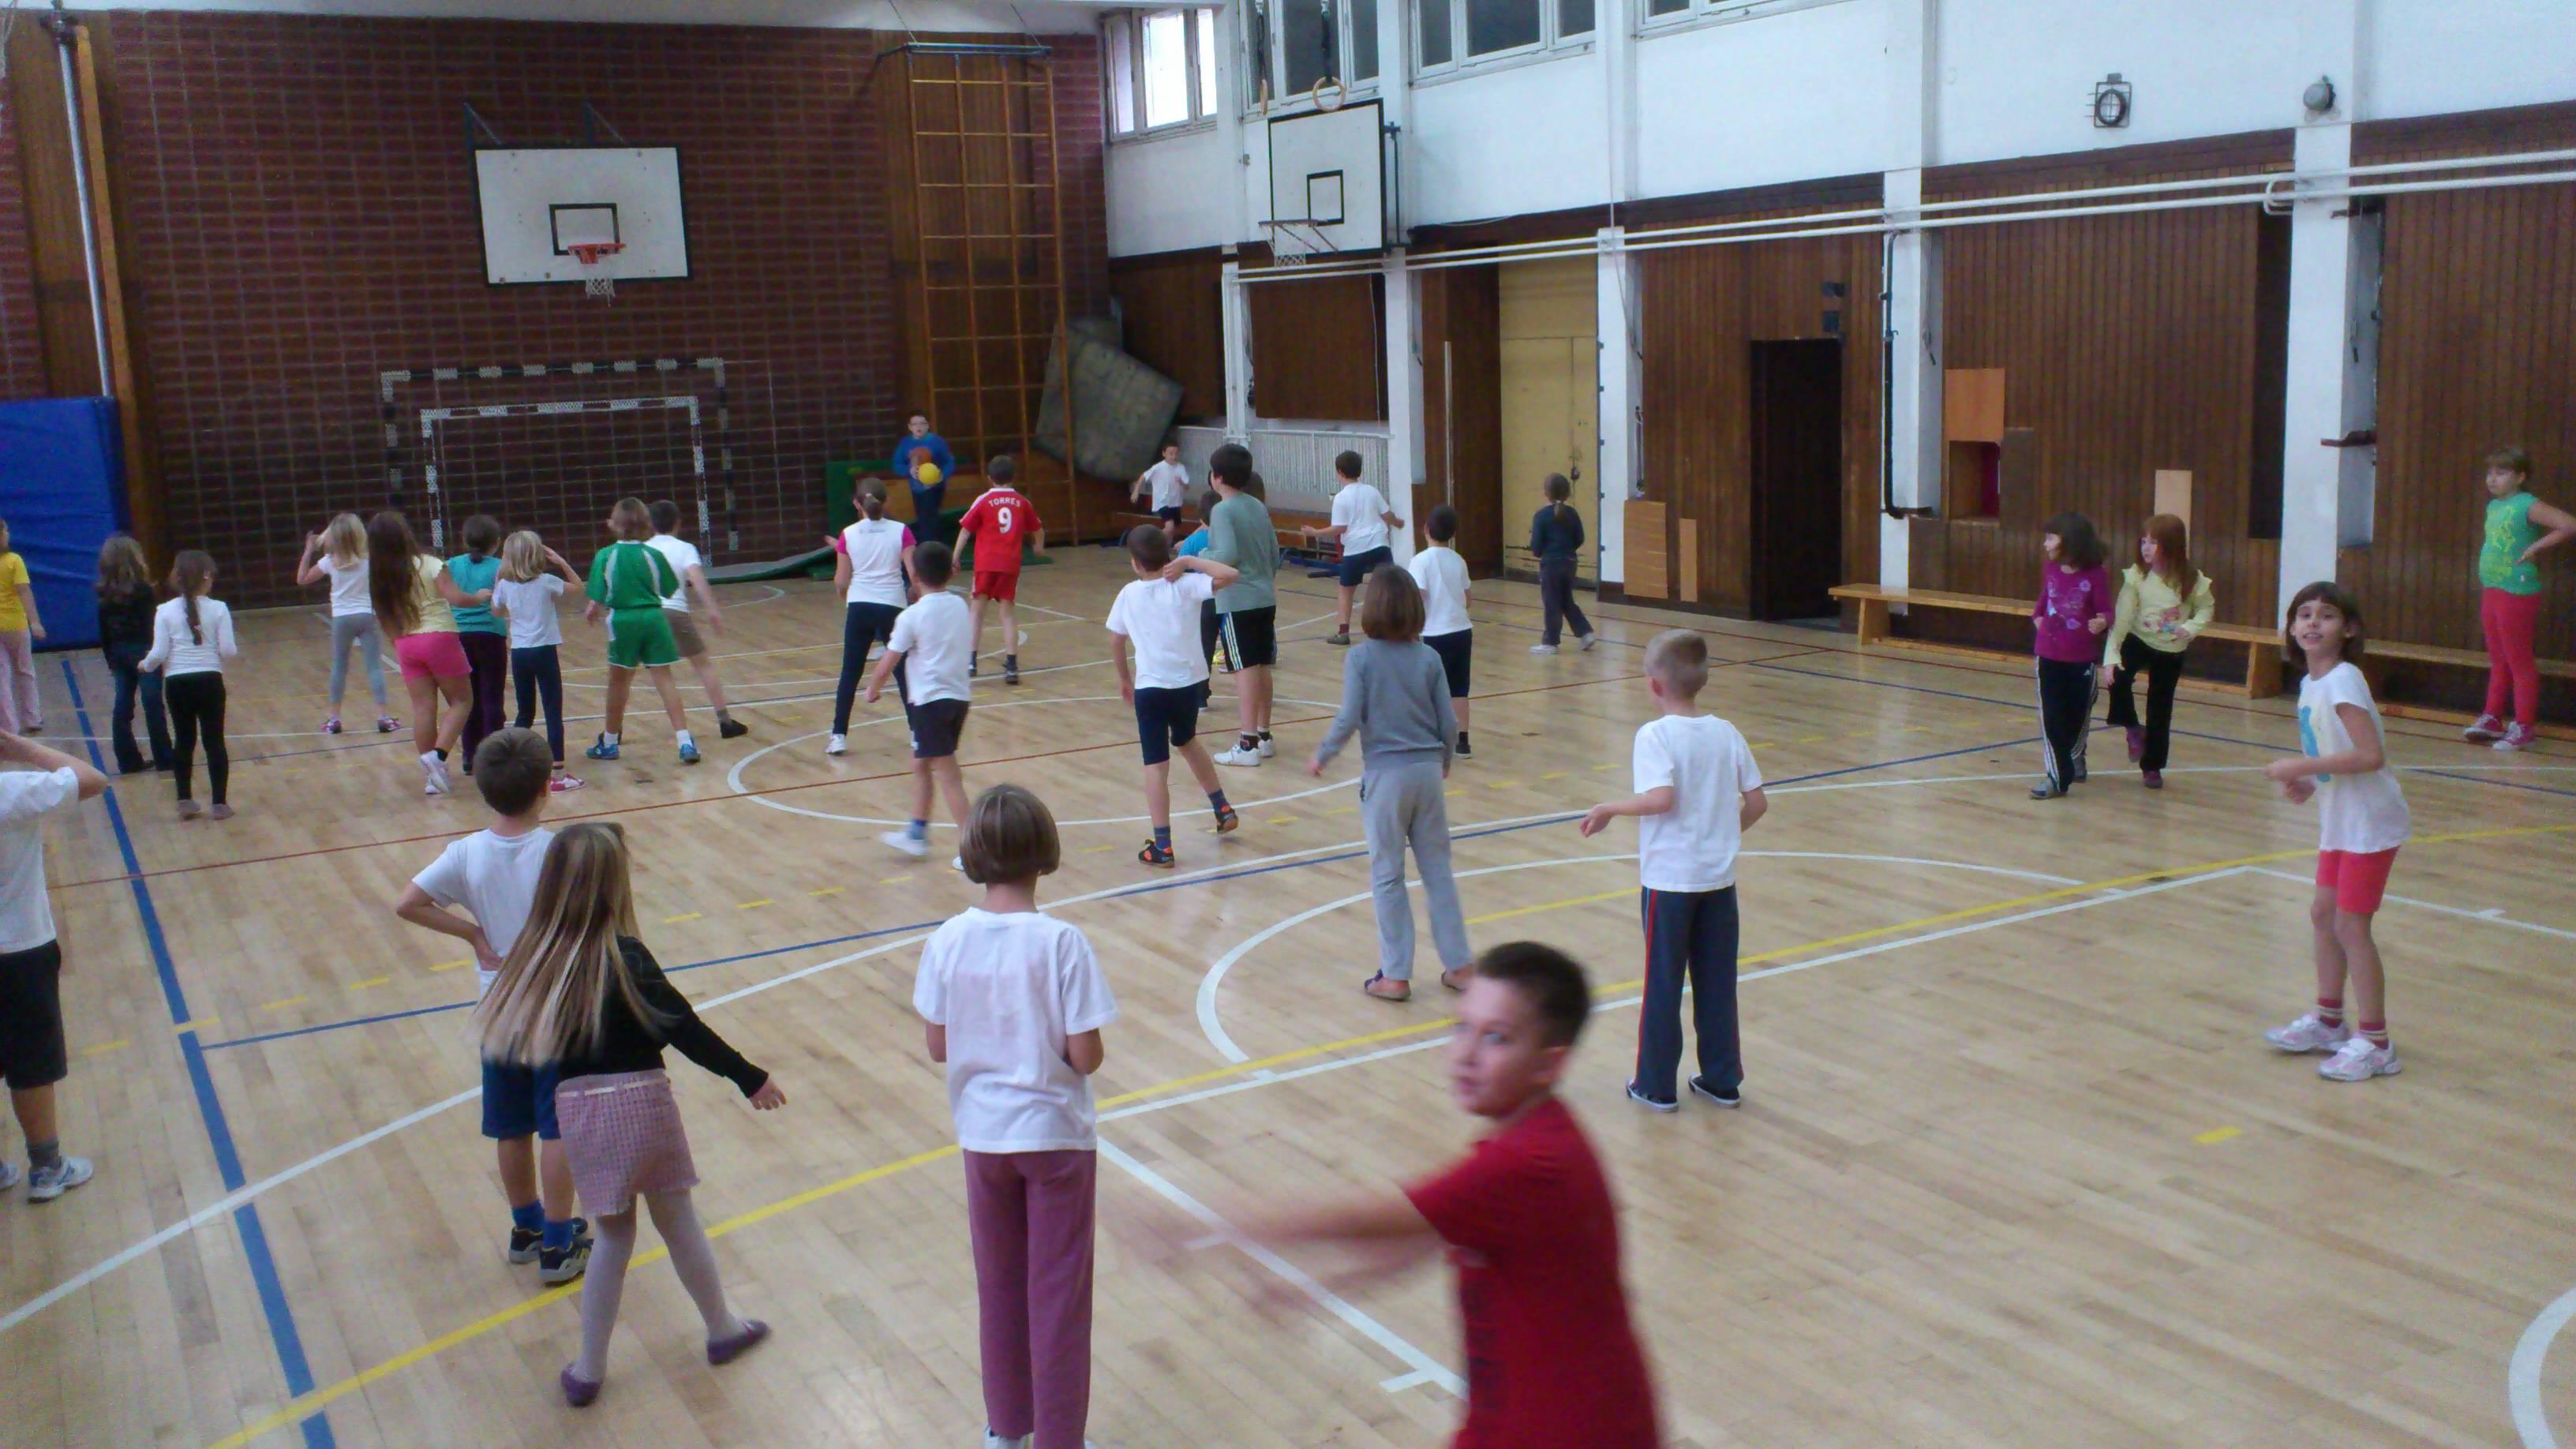 Osnovna Skola Dragutina Domjanica Zagreb Vikend U Sportske Dvorane